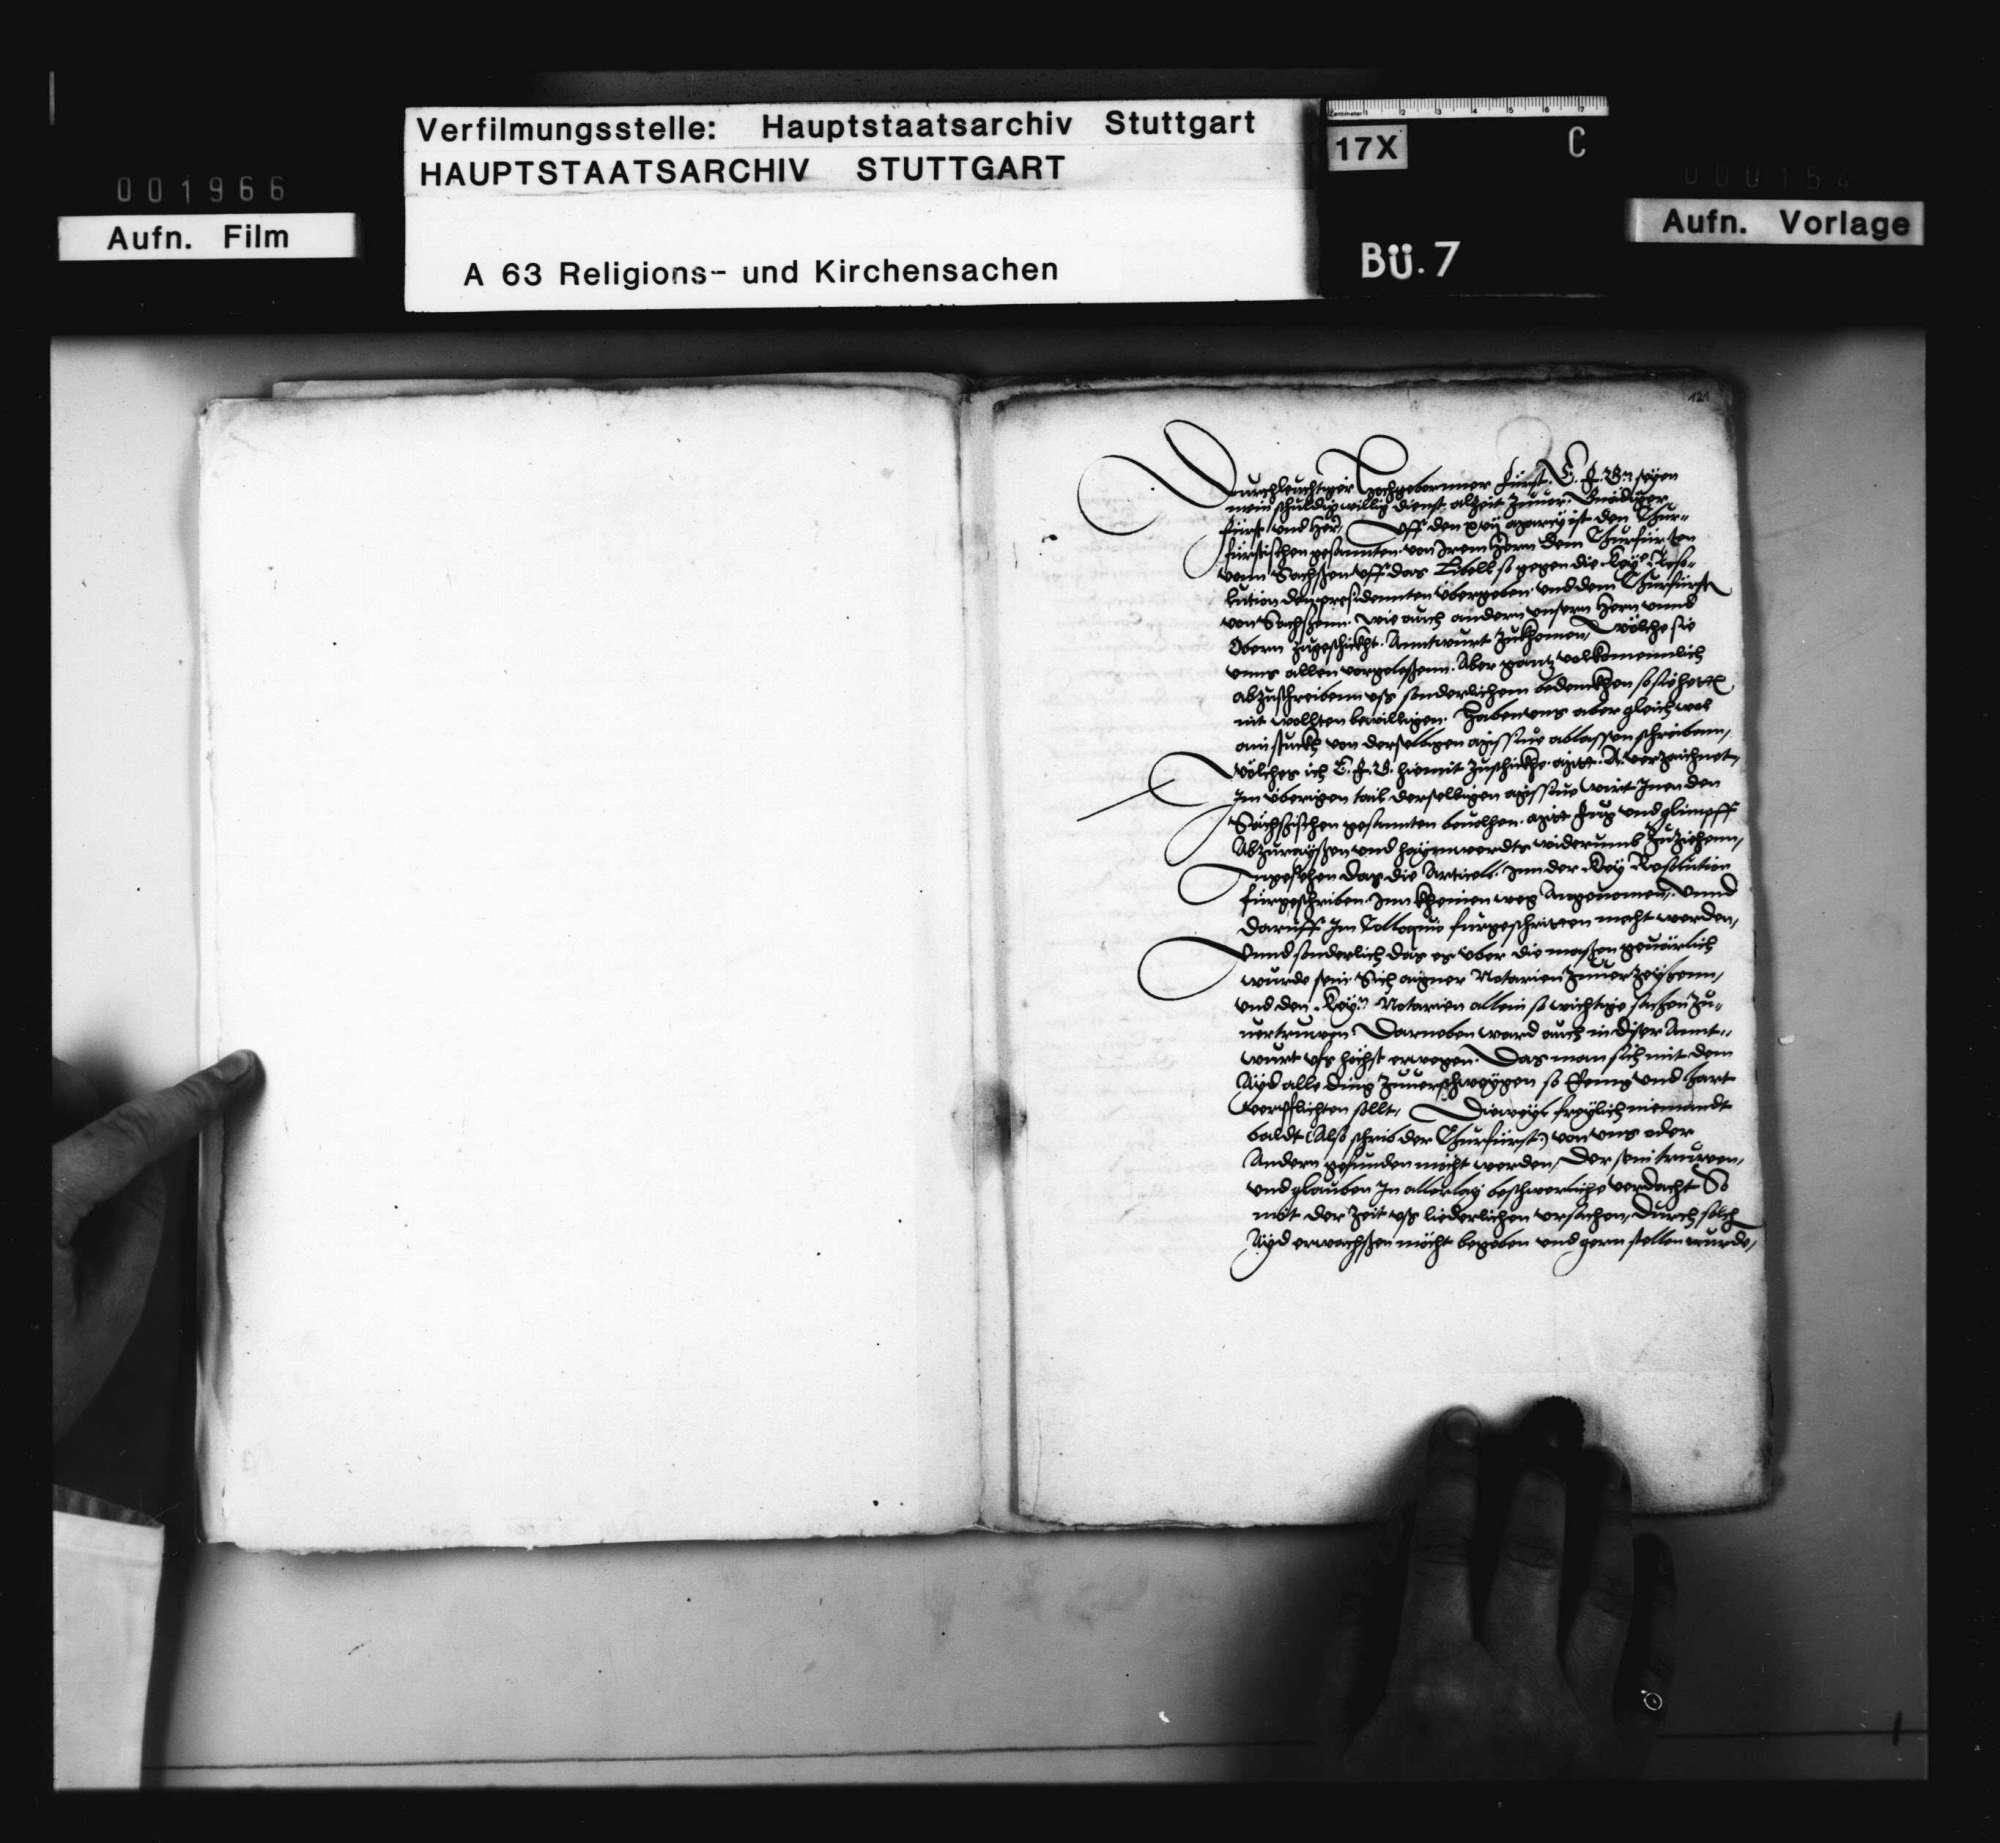 Bericht Erhard Schnepfs vom 21. März 1546 über Äußerungen im Reichstag zum Thema Rekusation des Konzils., Bild 3